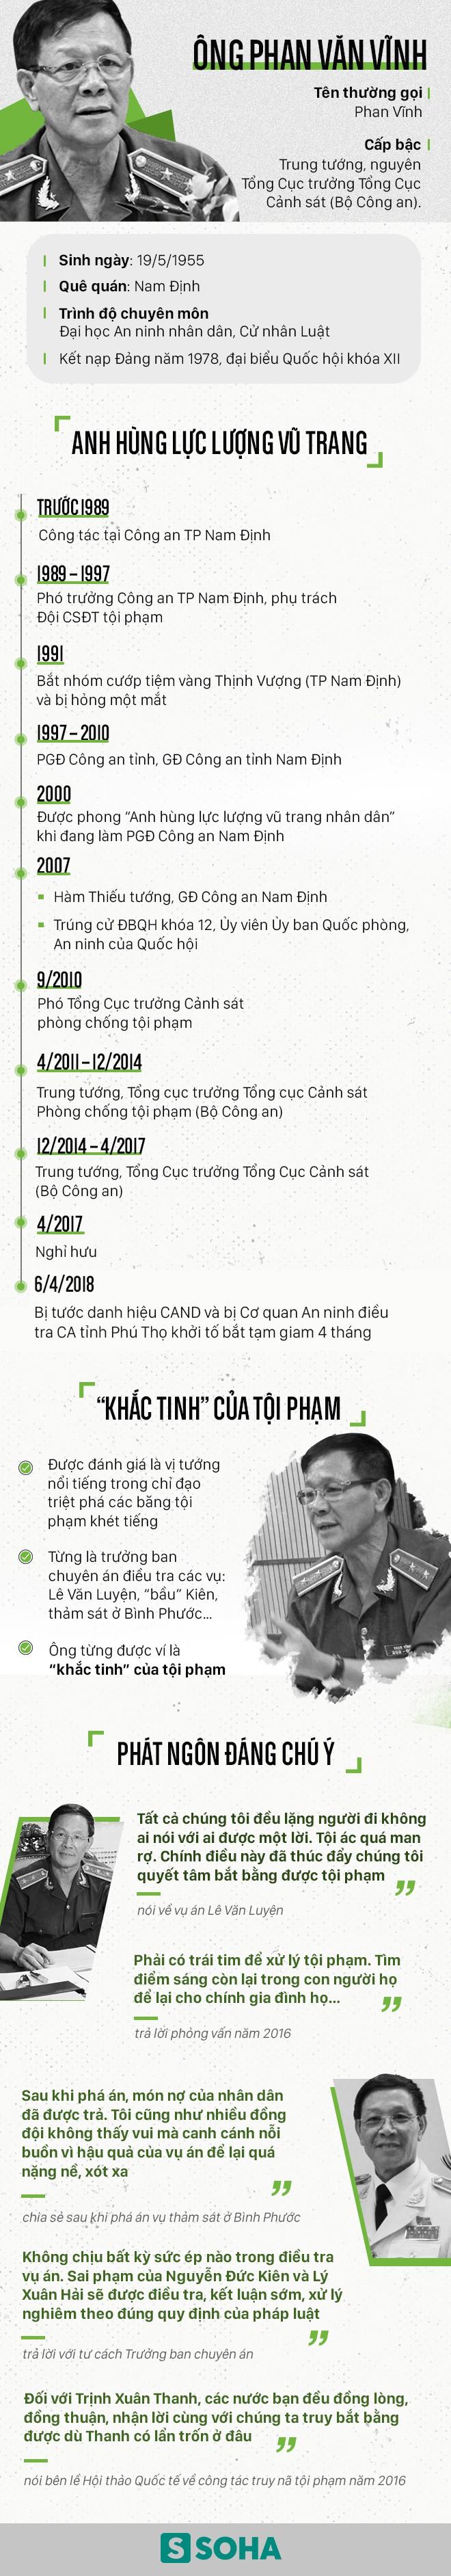 Sự nghiệp của cựu Tổng Cục trưởng Tổng Cục Cảnh sát Phan Văn Vĩnh